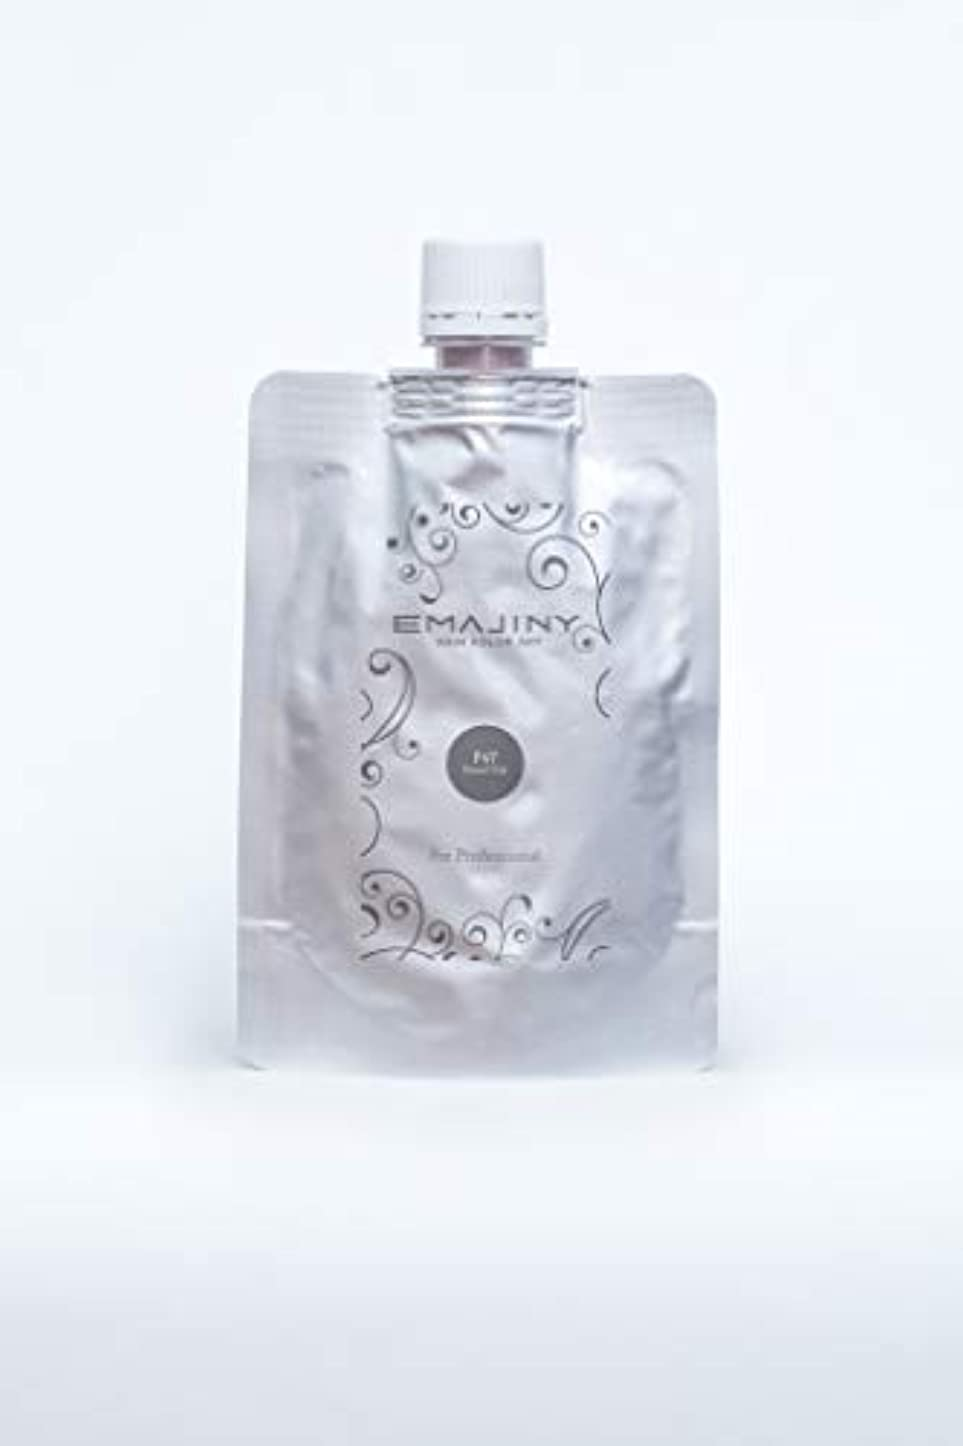 一過性食用美的EMAJINY Formal Gray F47(グレイカラーワックス)銀プロフェッショナル100g大容量パック【日本製】【無香料】